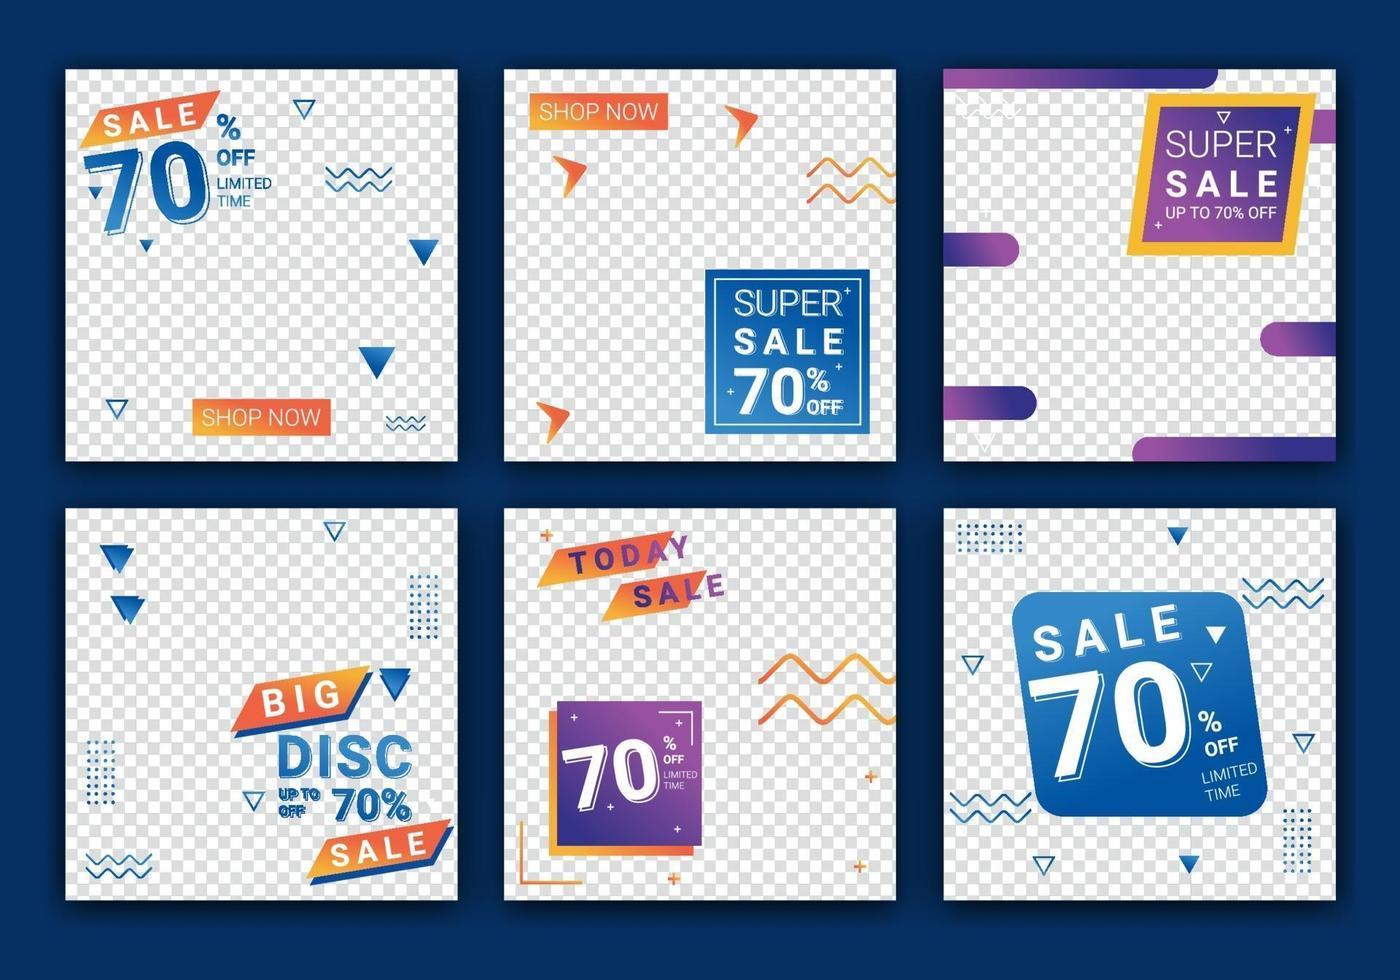 Verkaufsvorlagensammlung für Verkaufsförderung. Quadratische Banner für Social Media Post, Design für Anzeigen, Vorlage für Modeverkauf, Web- oder Internetpost und Design für Social Media Post. Vektorillustration vektor